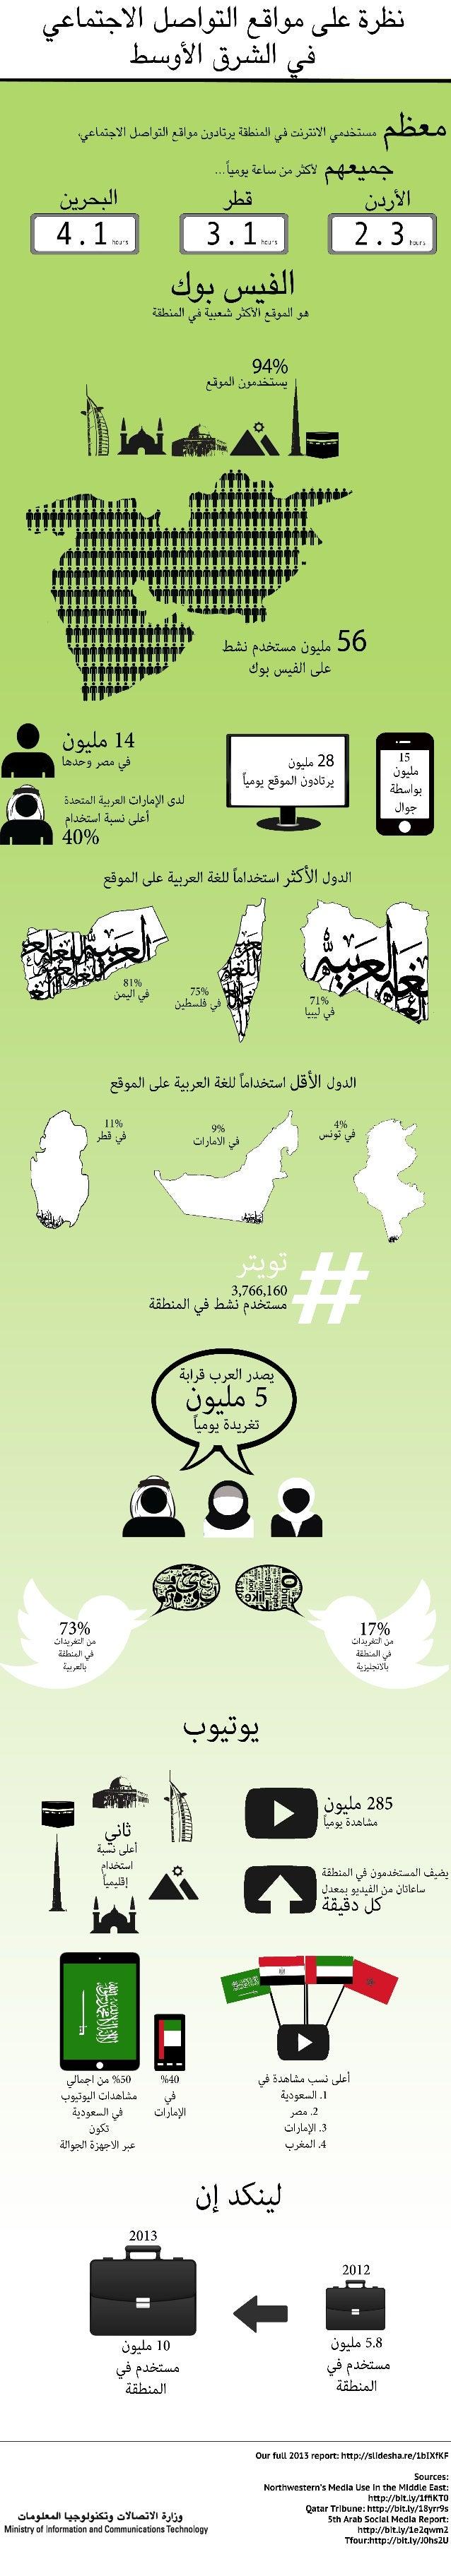 نظرة على مواقع التواصل الإجتماعي في الشرق الأوسط